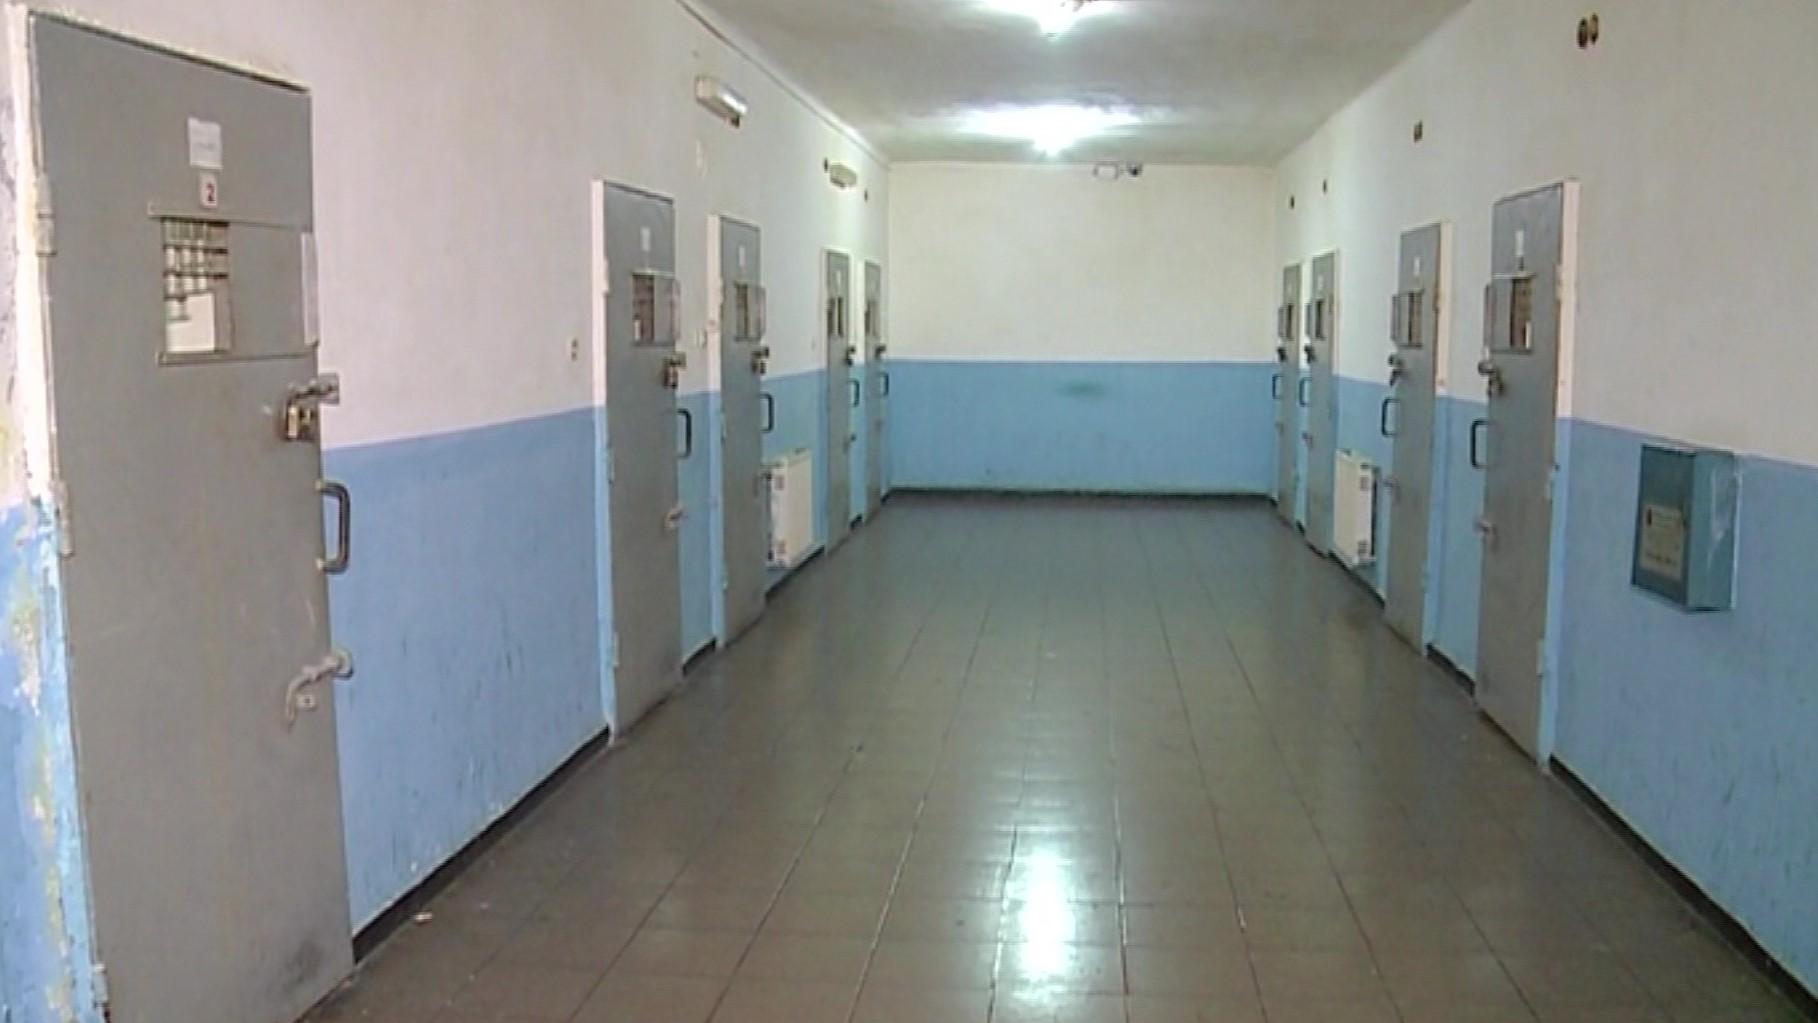 I shpëtojnë burgut 6245 persona vetëm gjatë tetorit 2017